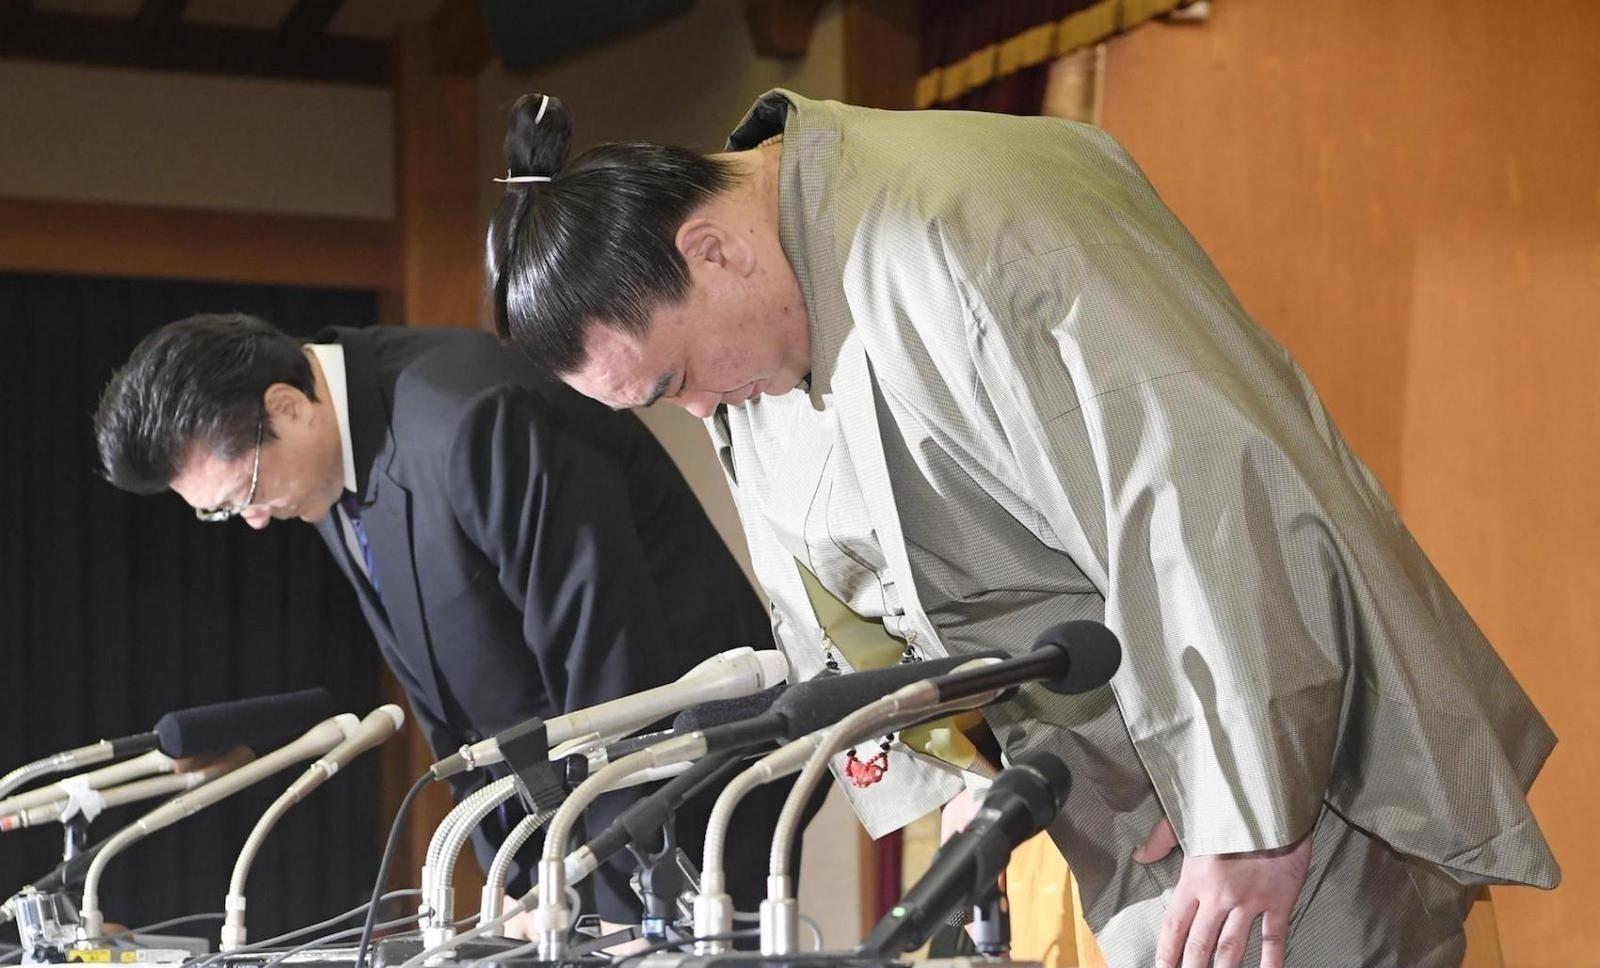 Цалингүй, эмэгтэйчүүдгүй амьдрал буюу Японы сүмод цаашид юу болох вэ?